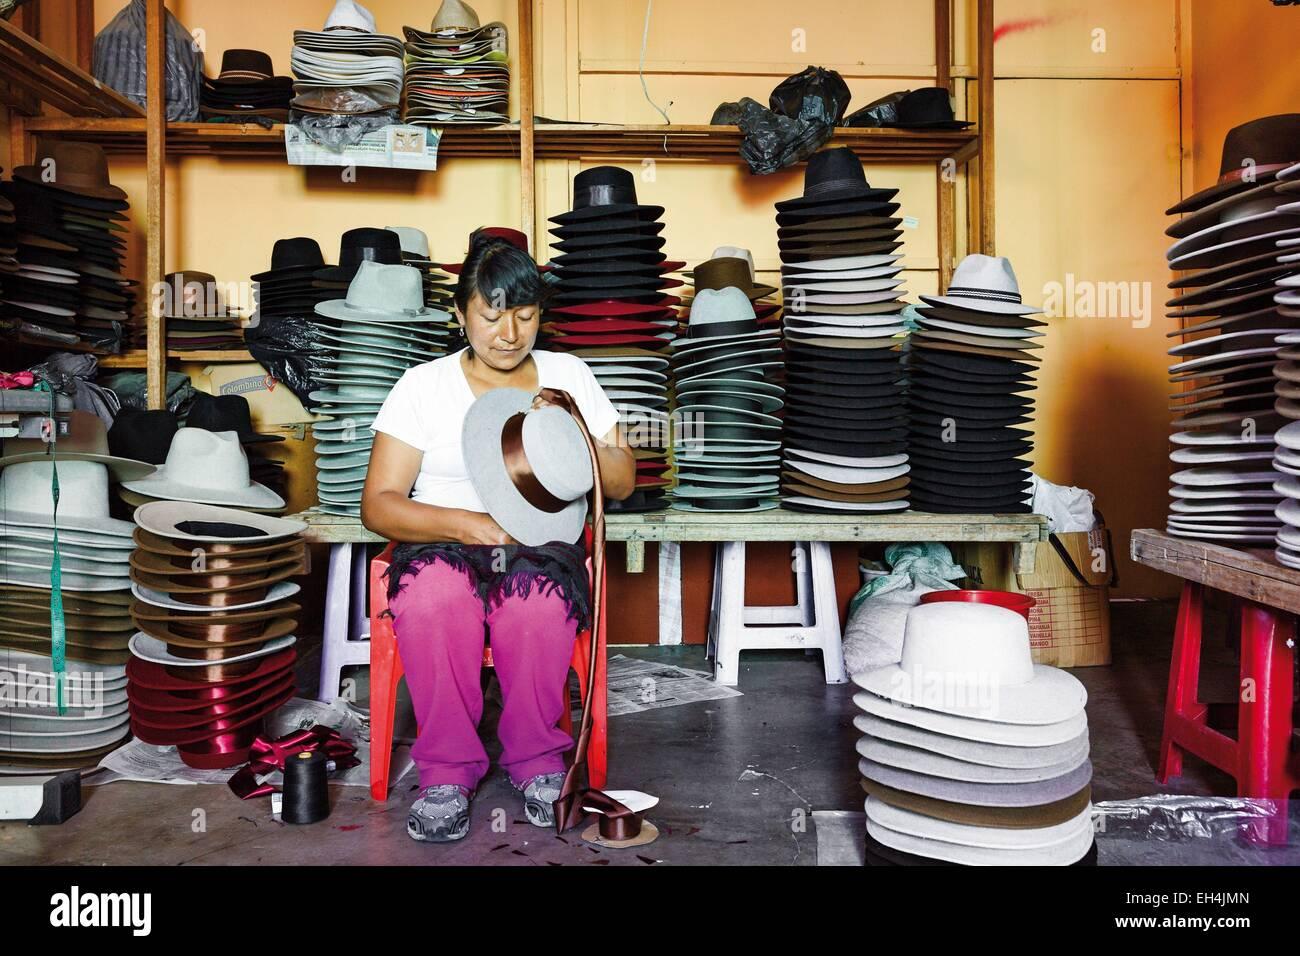 Sombreros De Fieltro Imágenes De Stock   Sombreros De Fieltro Fotos ... cec4fa28bde